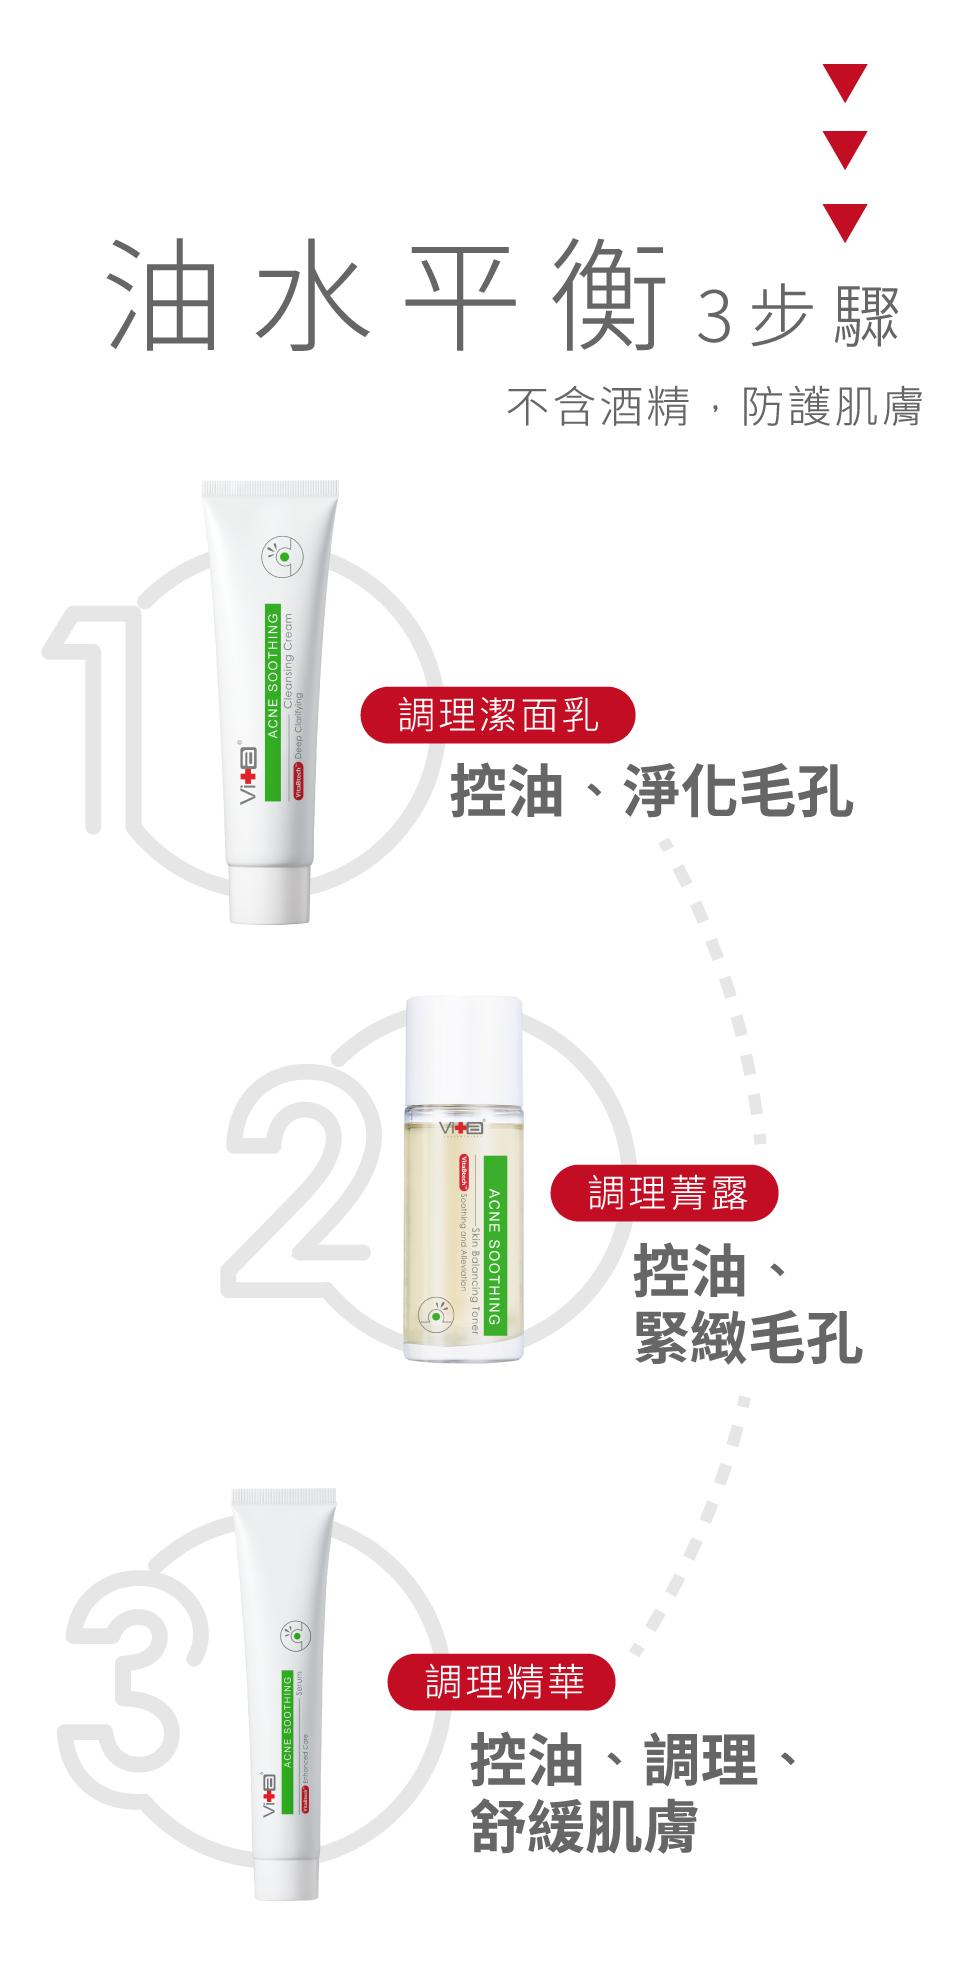 薇佳 速效抗痘調理菁露 VitaBtech升級版 油水平衡3步驟